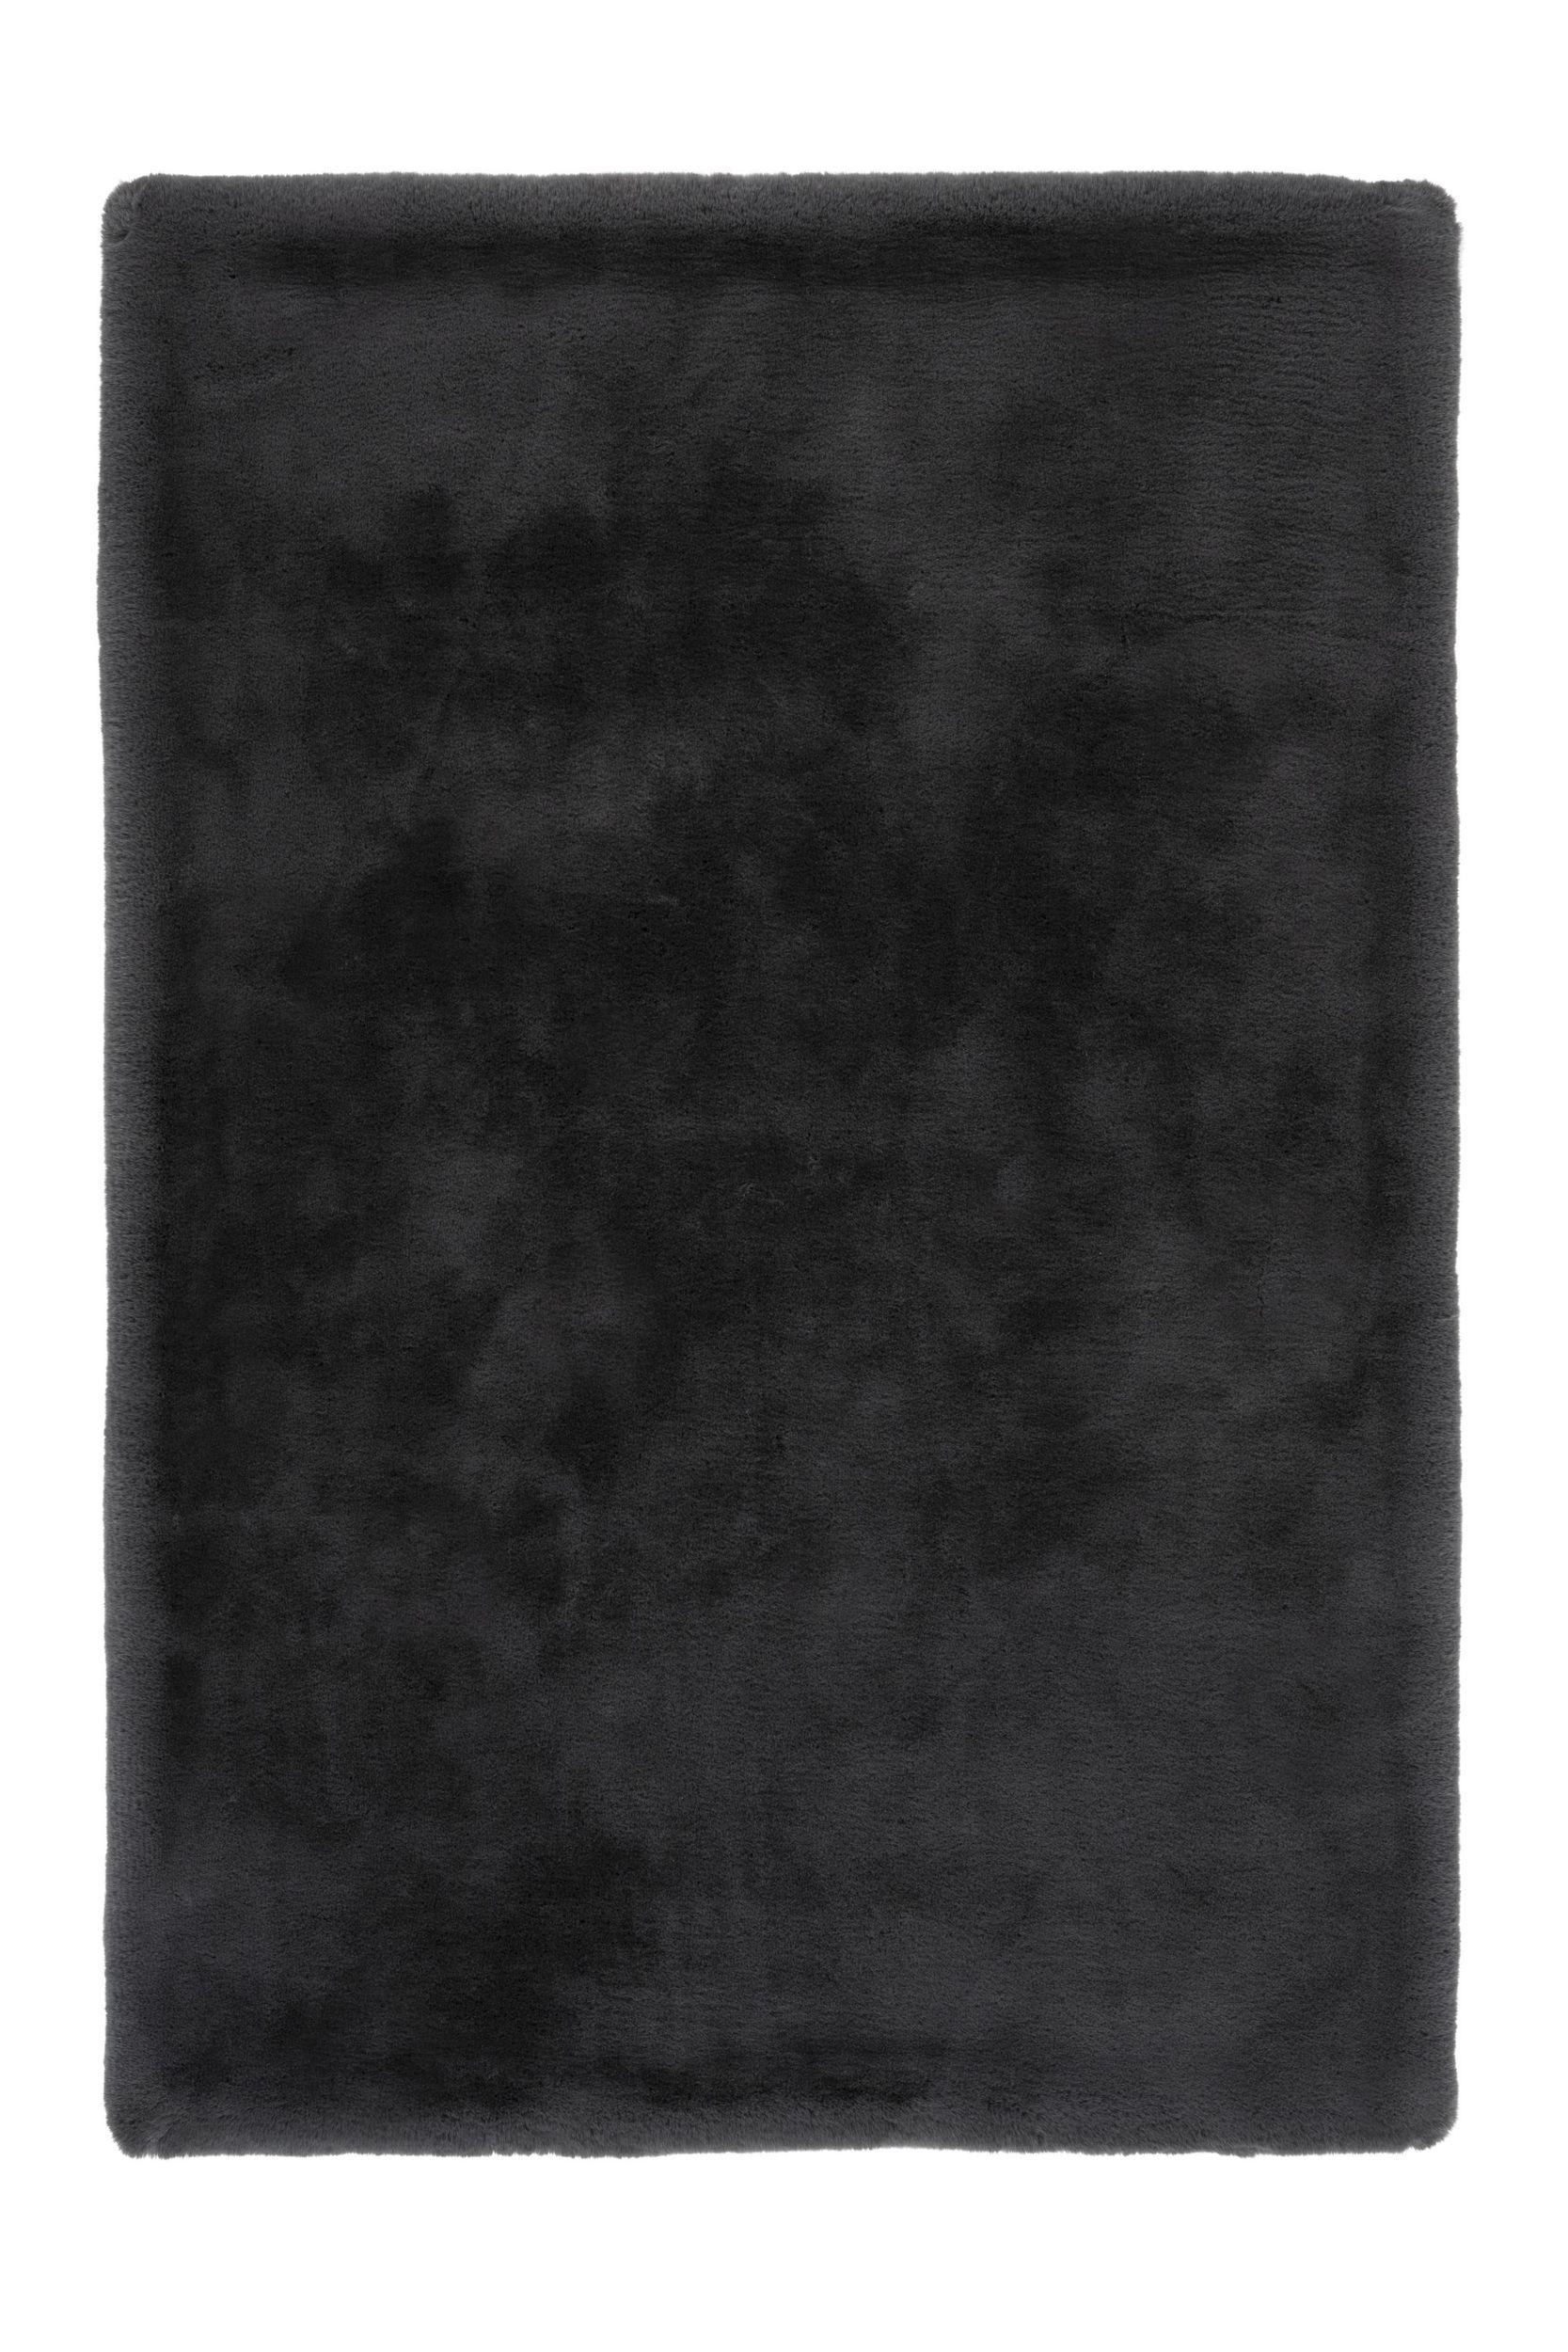 Teppich 160x230cm HEAVEN